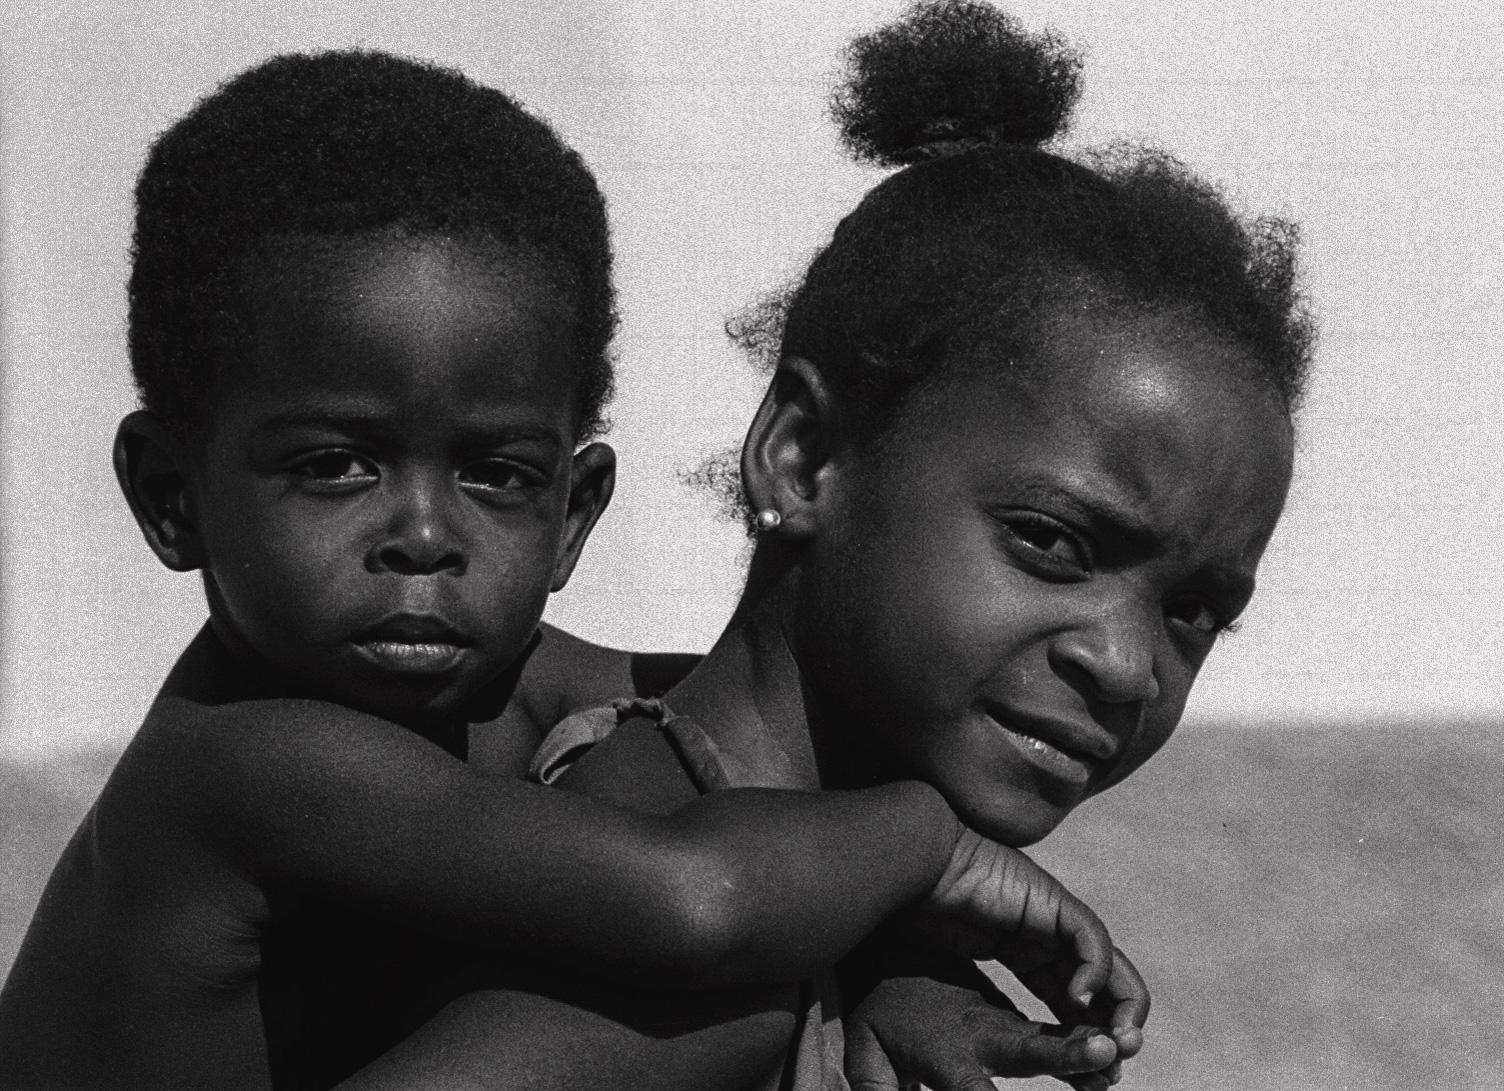 Una hermana que sostiene a su hermanito pequeño. Un instante de lo cotidiano. (Foto: Alejandro Ramírez Anderson)